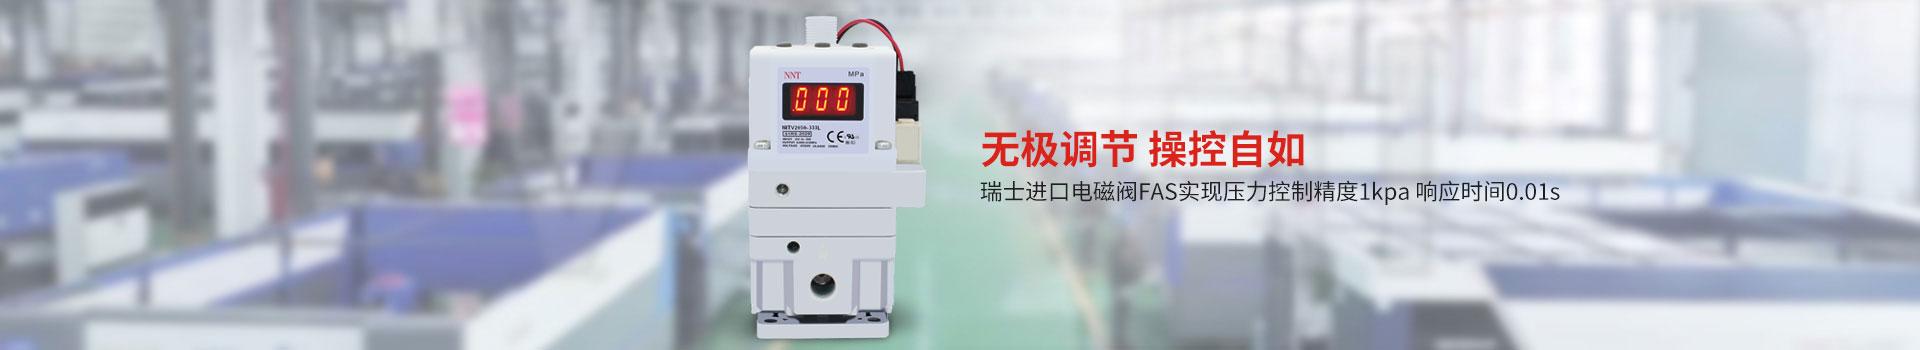 诺能泰电气比例阀体积小   重量轻  响应时间0.01s   可远程控制